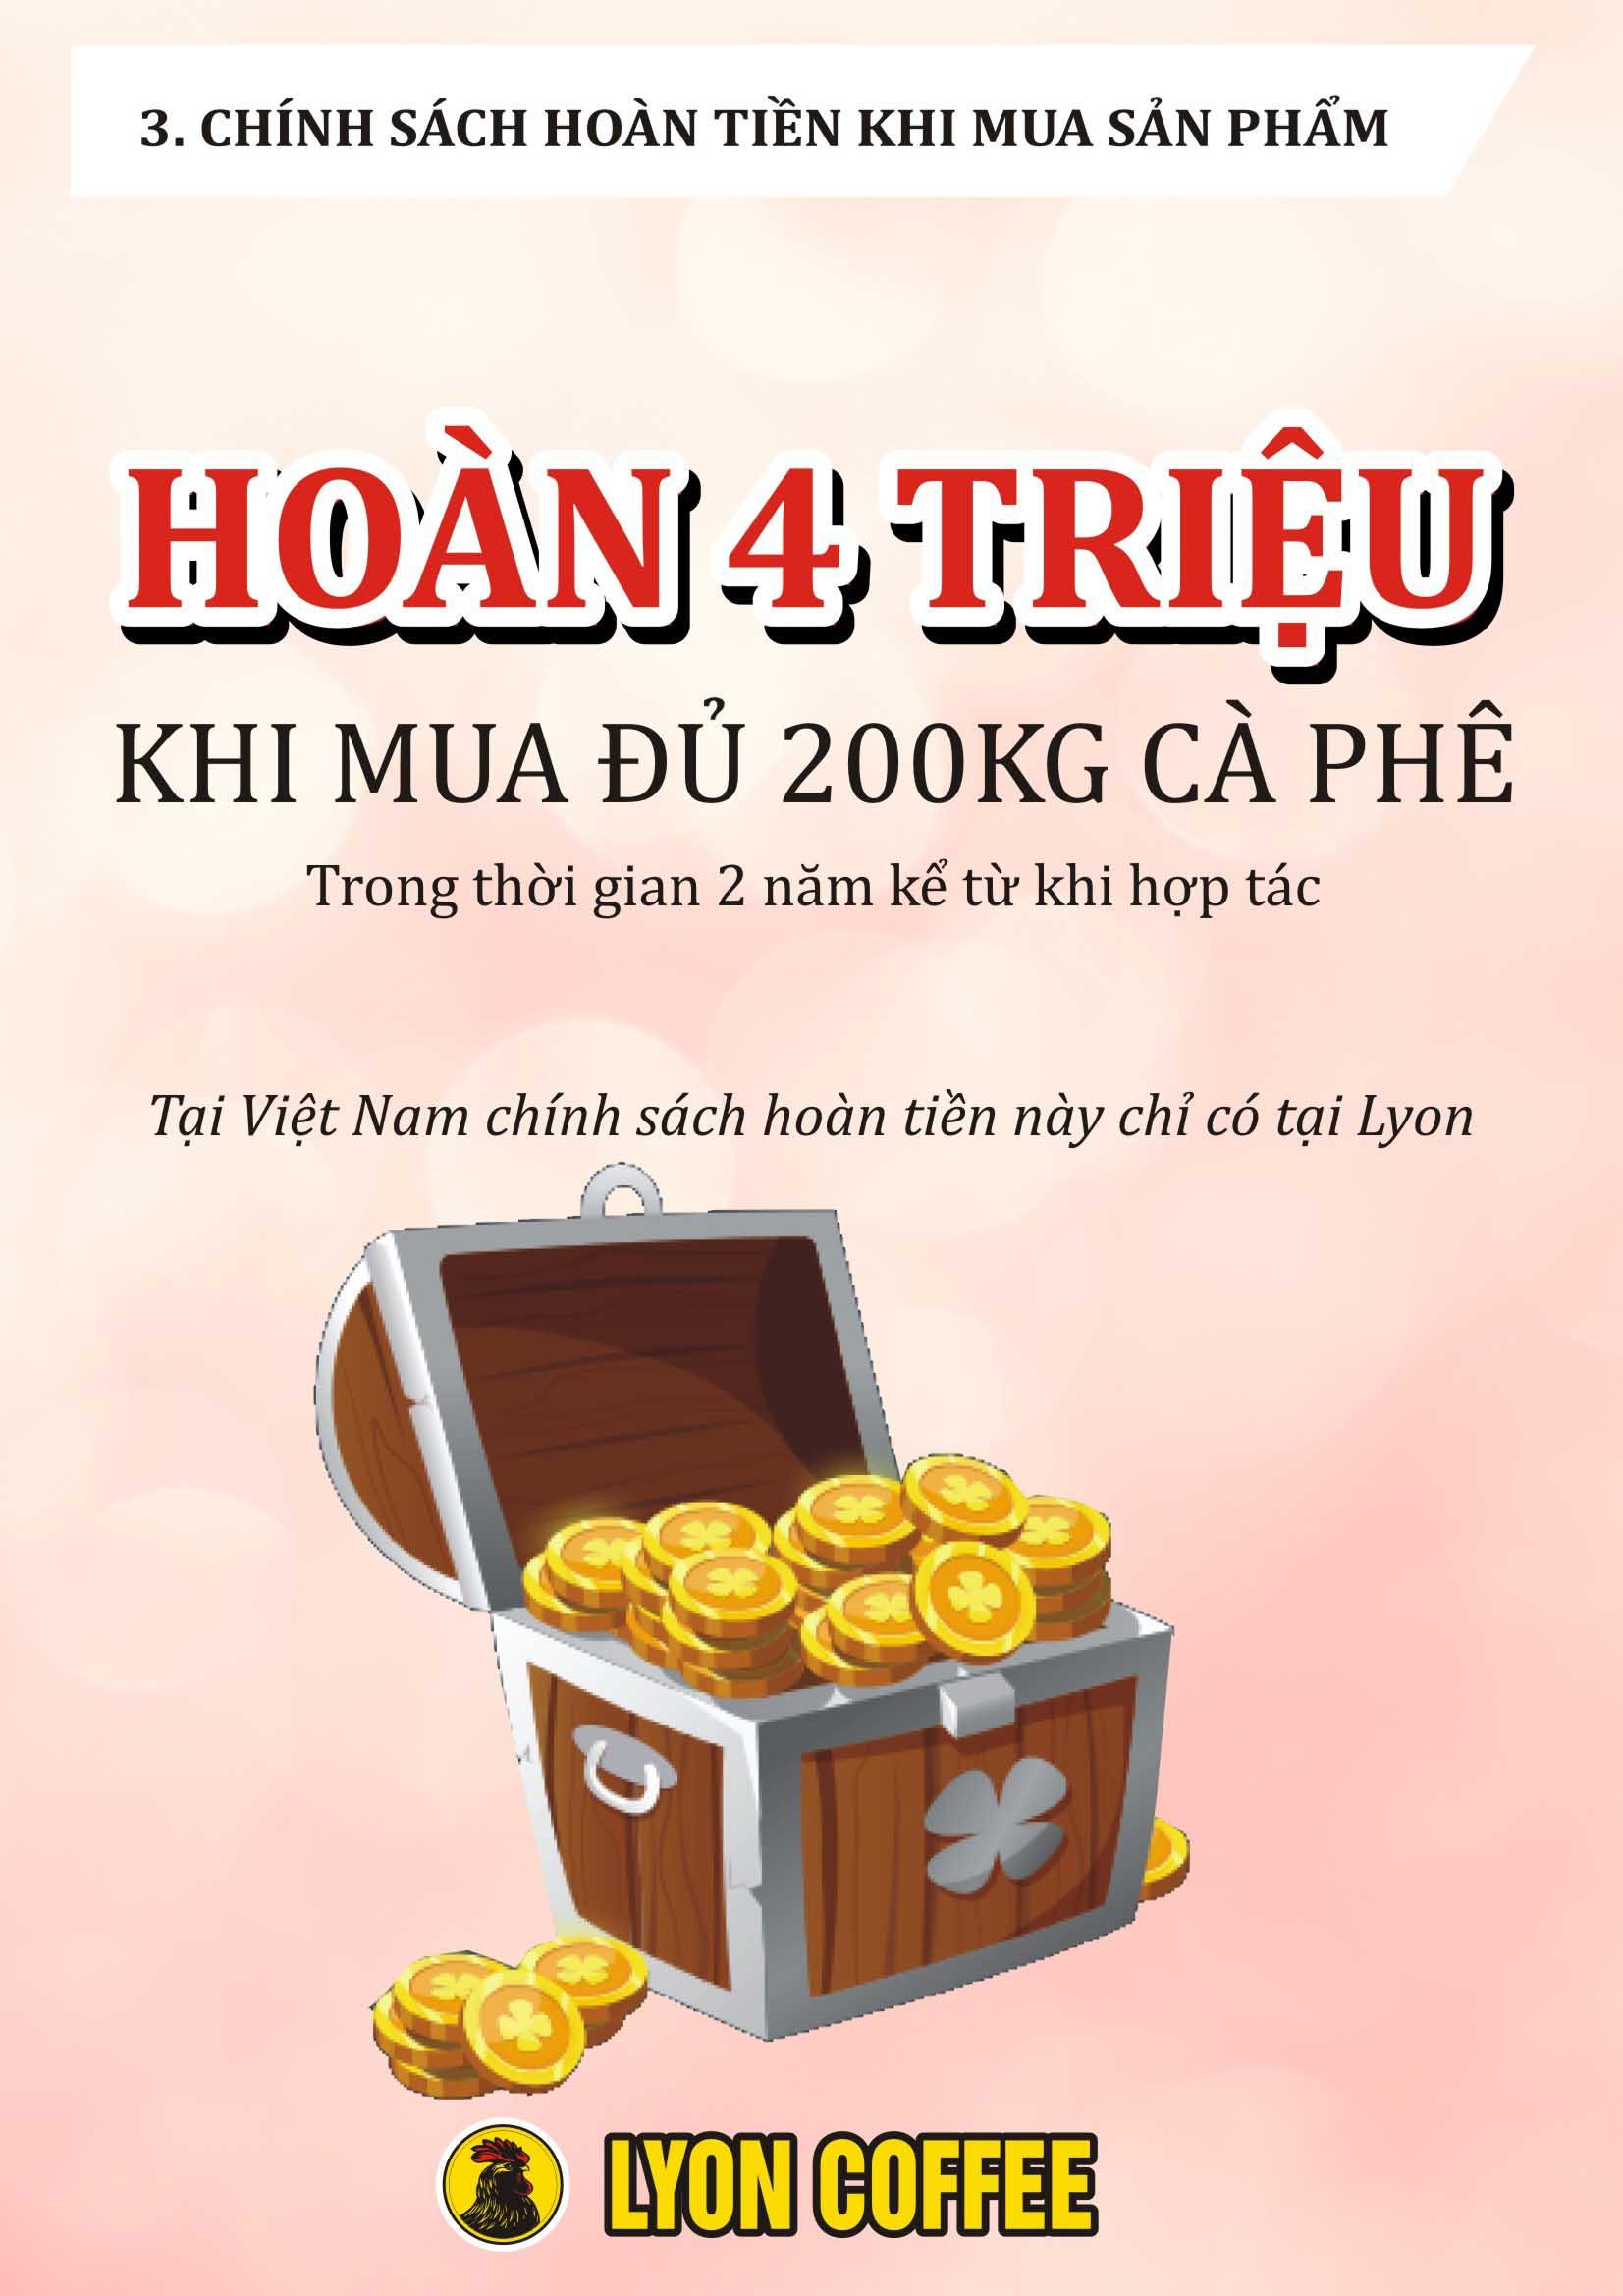 Chính sách thưởng 4 triệu đồng khi cung cấp máy pha cafe giá rẻ